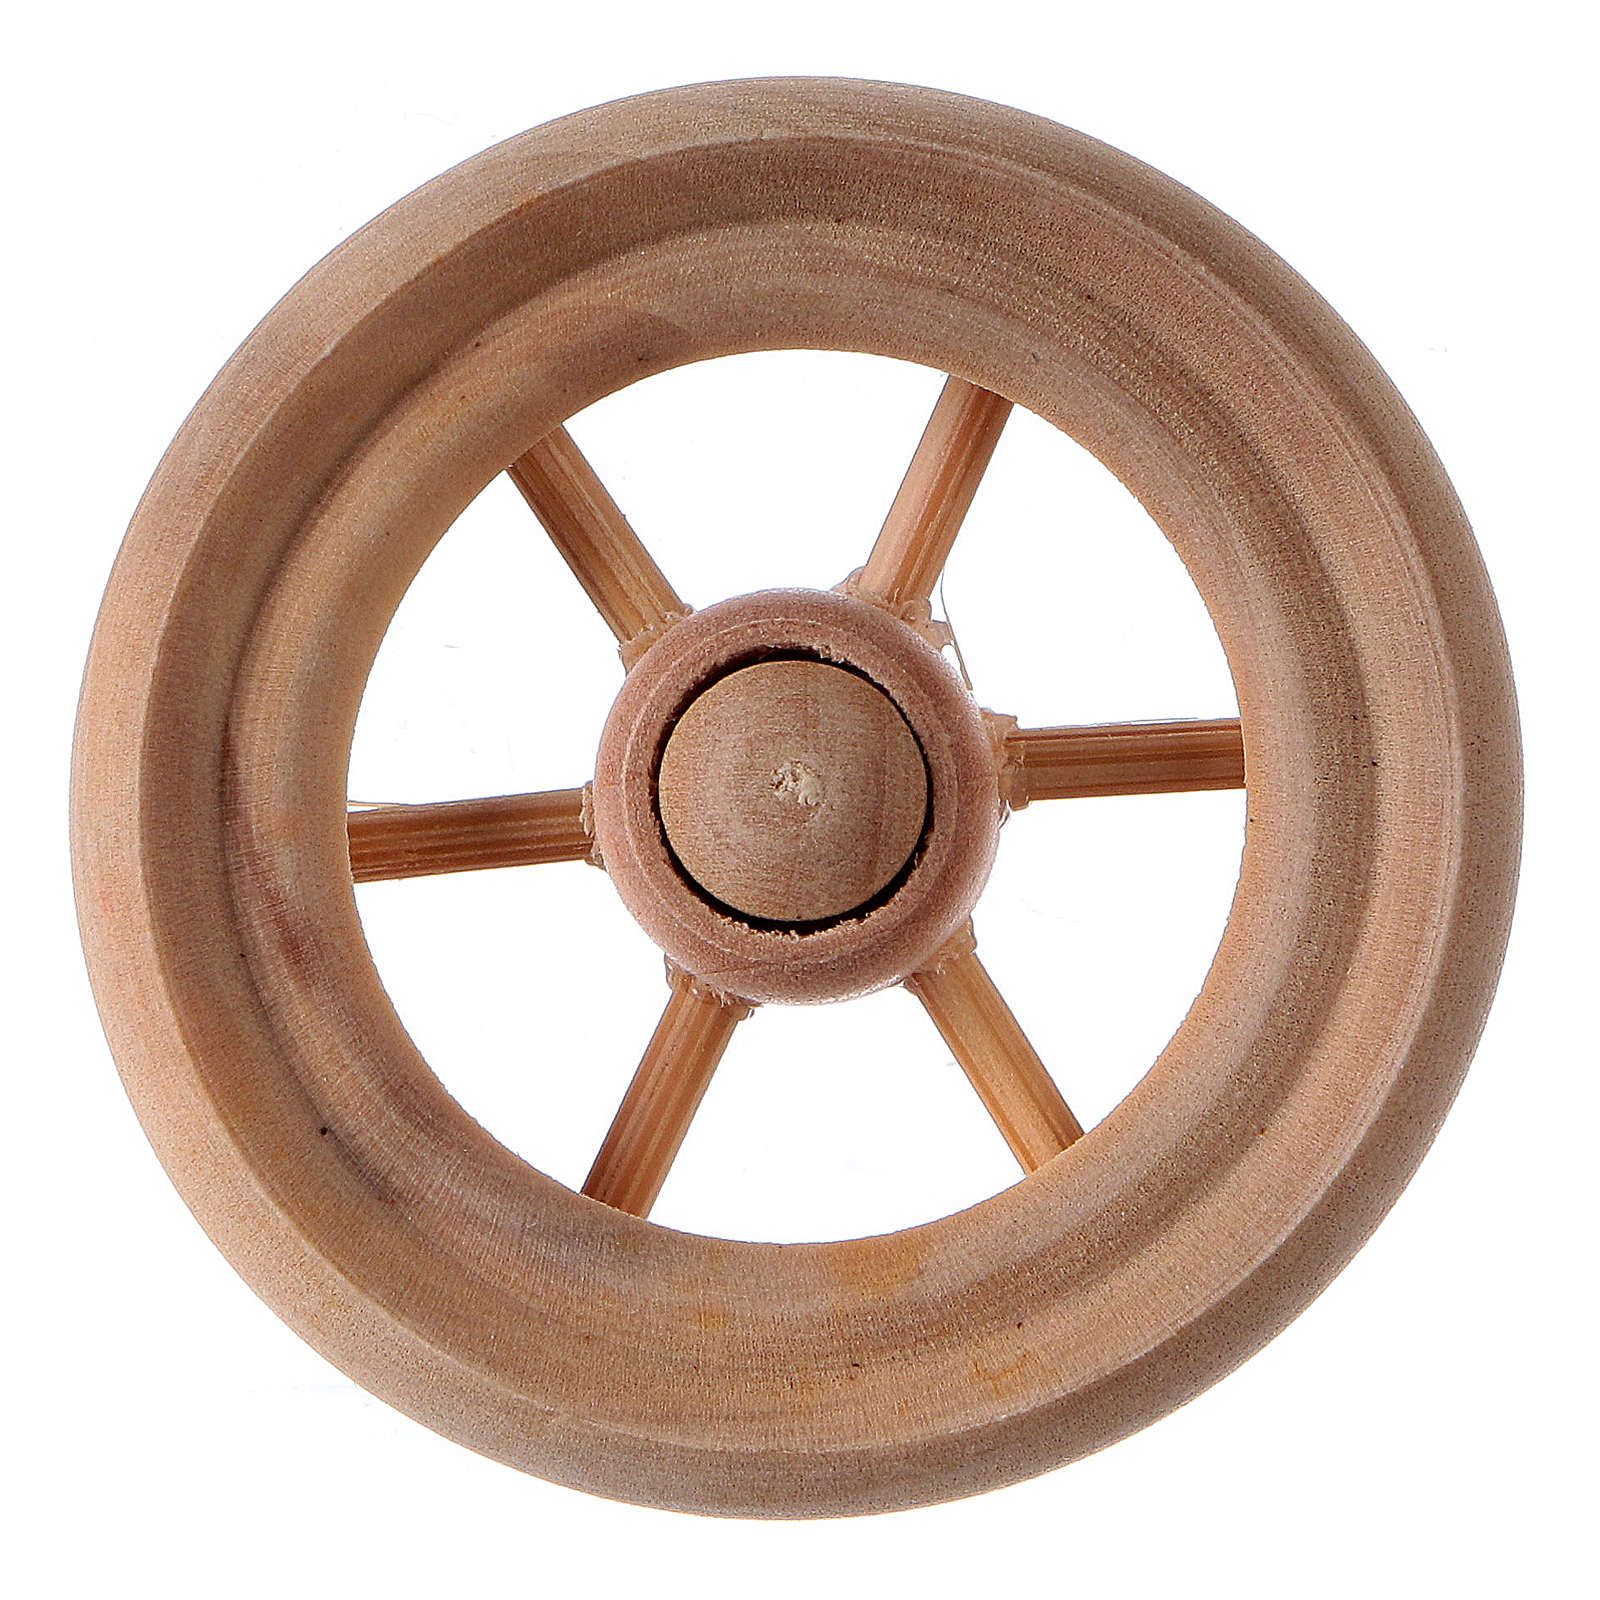 Ruota per carro presepe legno chiaro diam. 3,8 cm 4